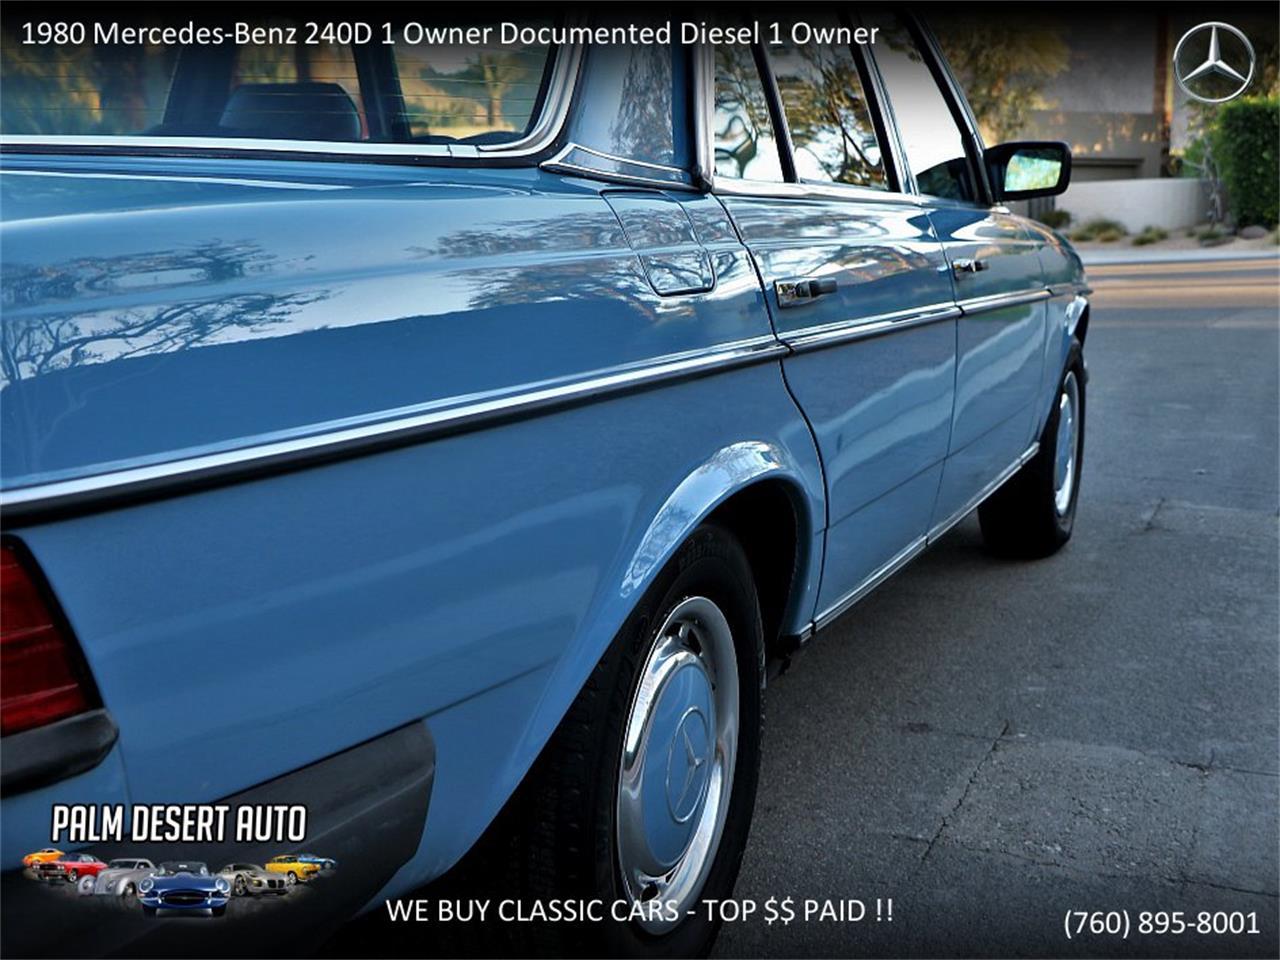 Classic Collector Car Auto Insurance California